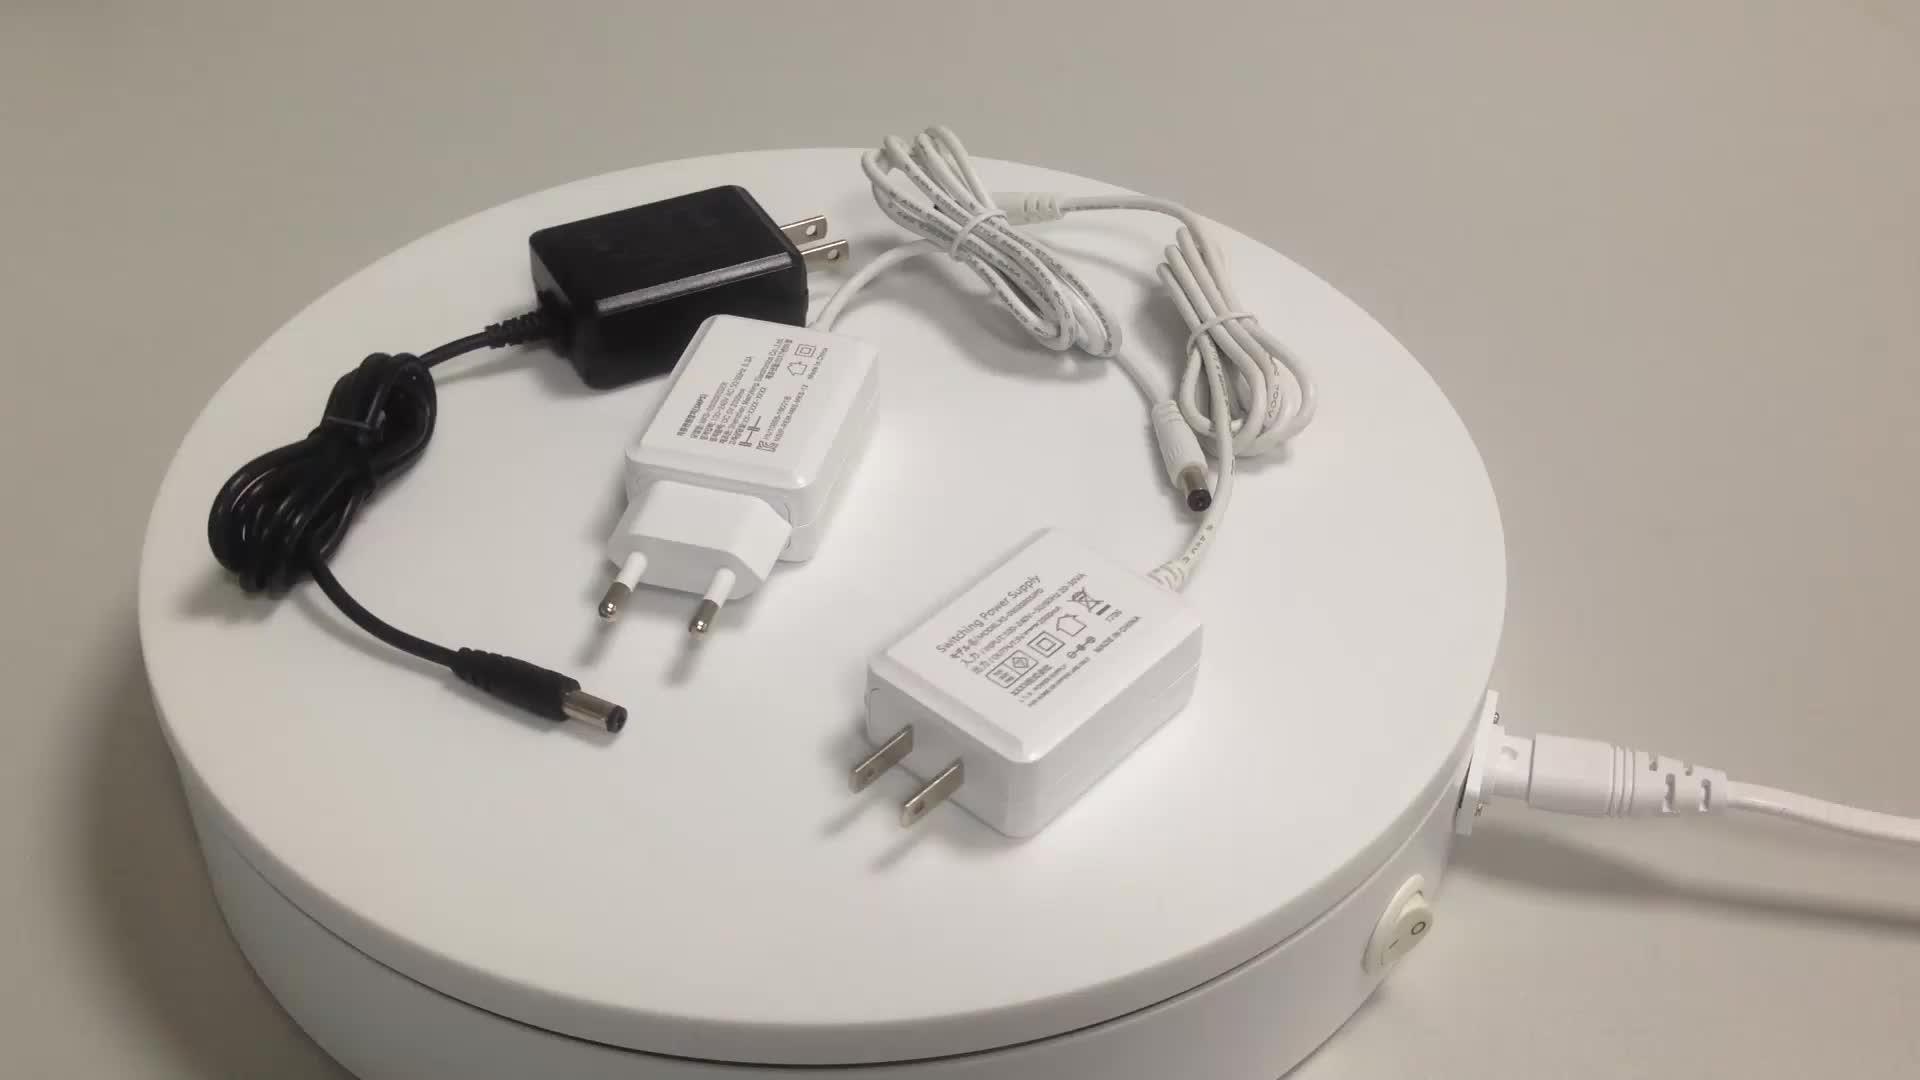 AC DC adattatore 5 v 9 v 12 v adattatore di alimentazione 1.5a 1a 2a con presa EU UK US au